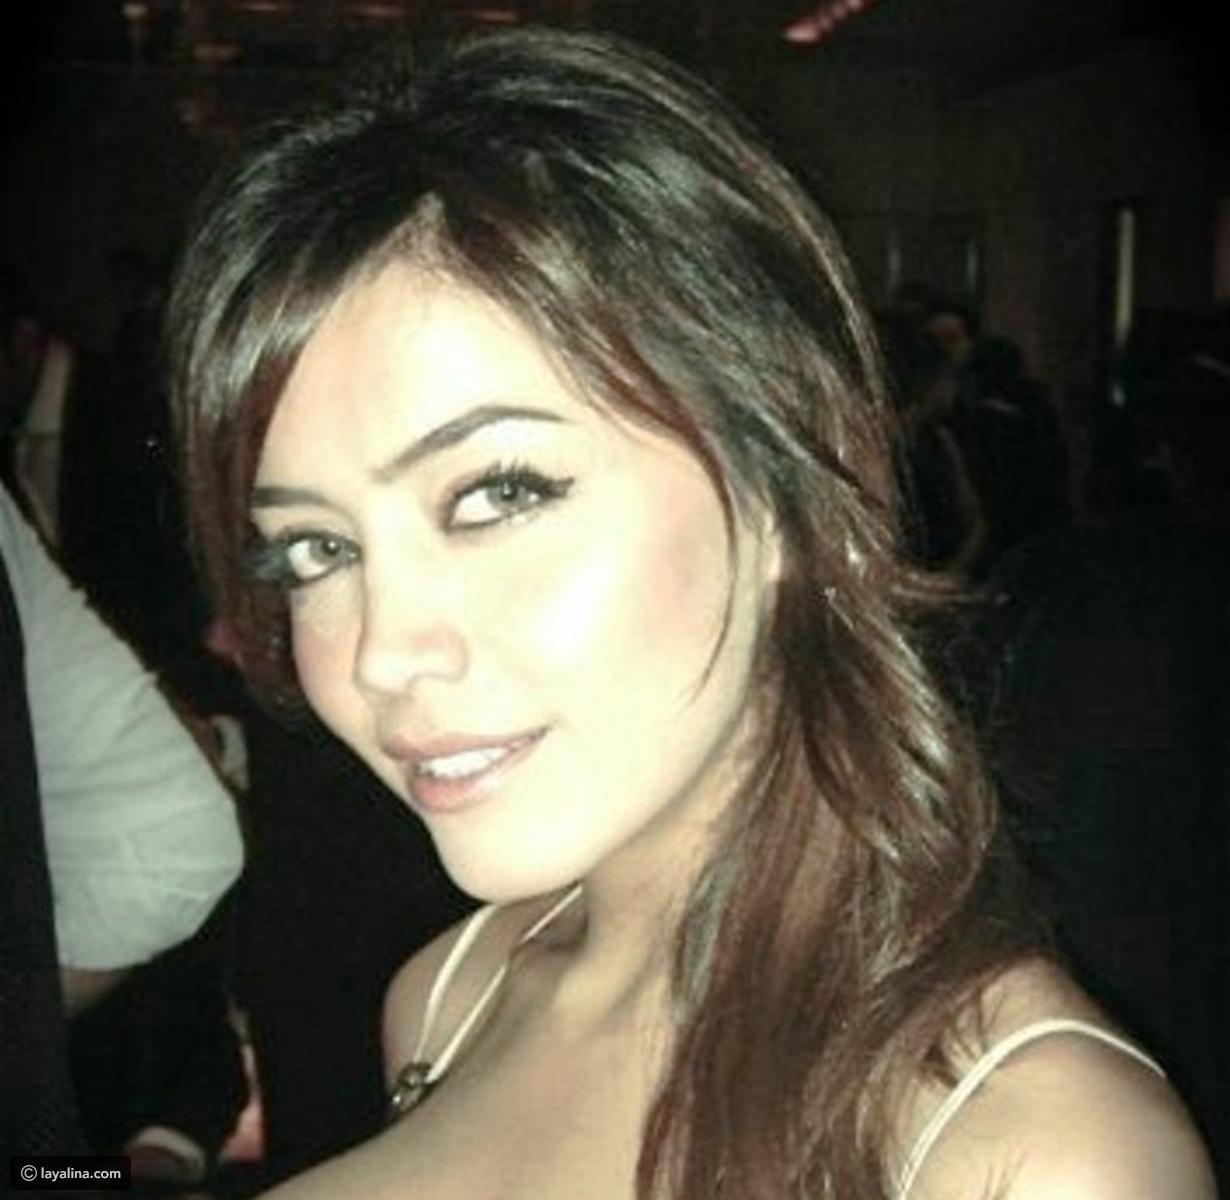 بالصور بنات عربي , اروع صور بنات العرب الجميلات 3101 3